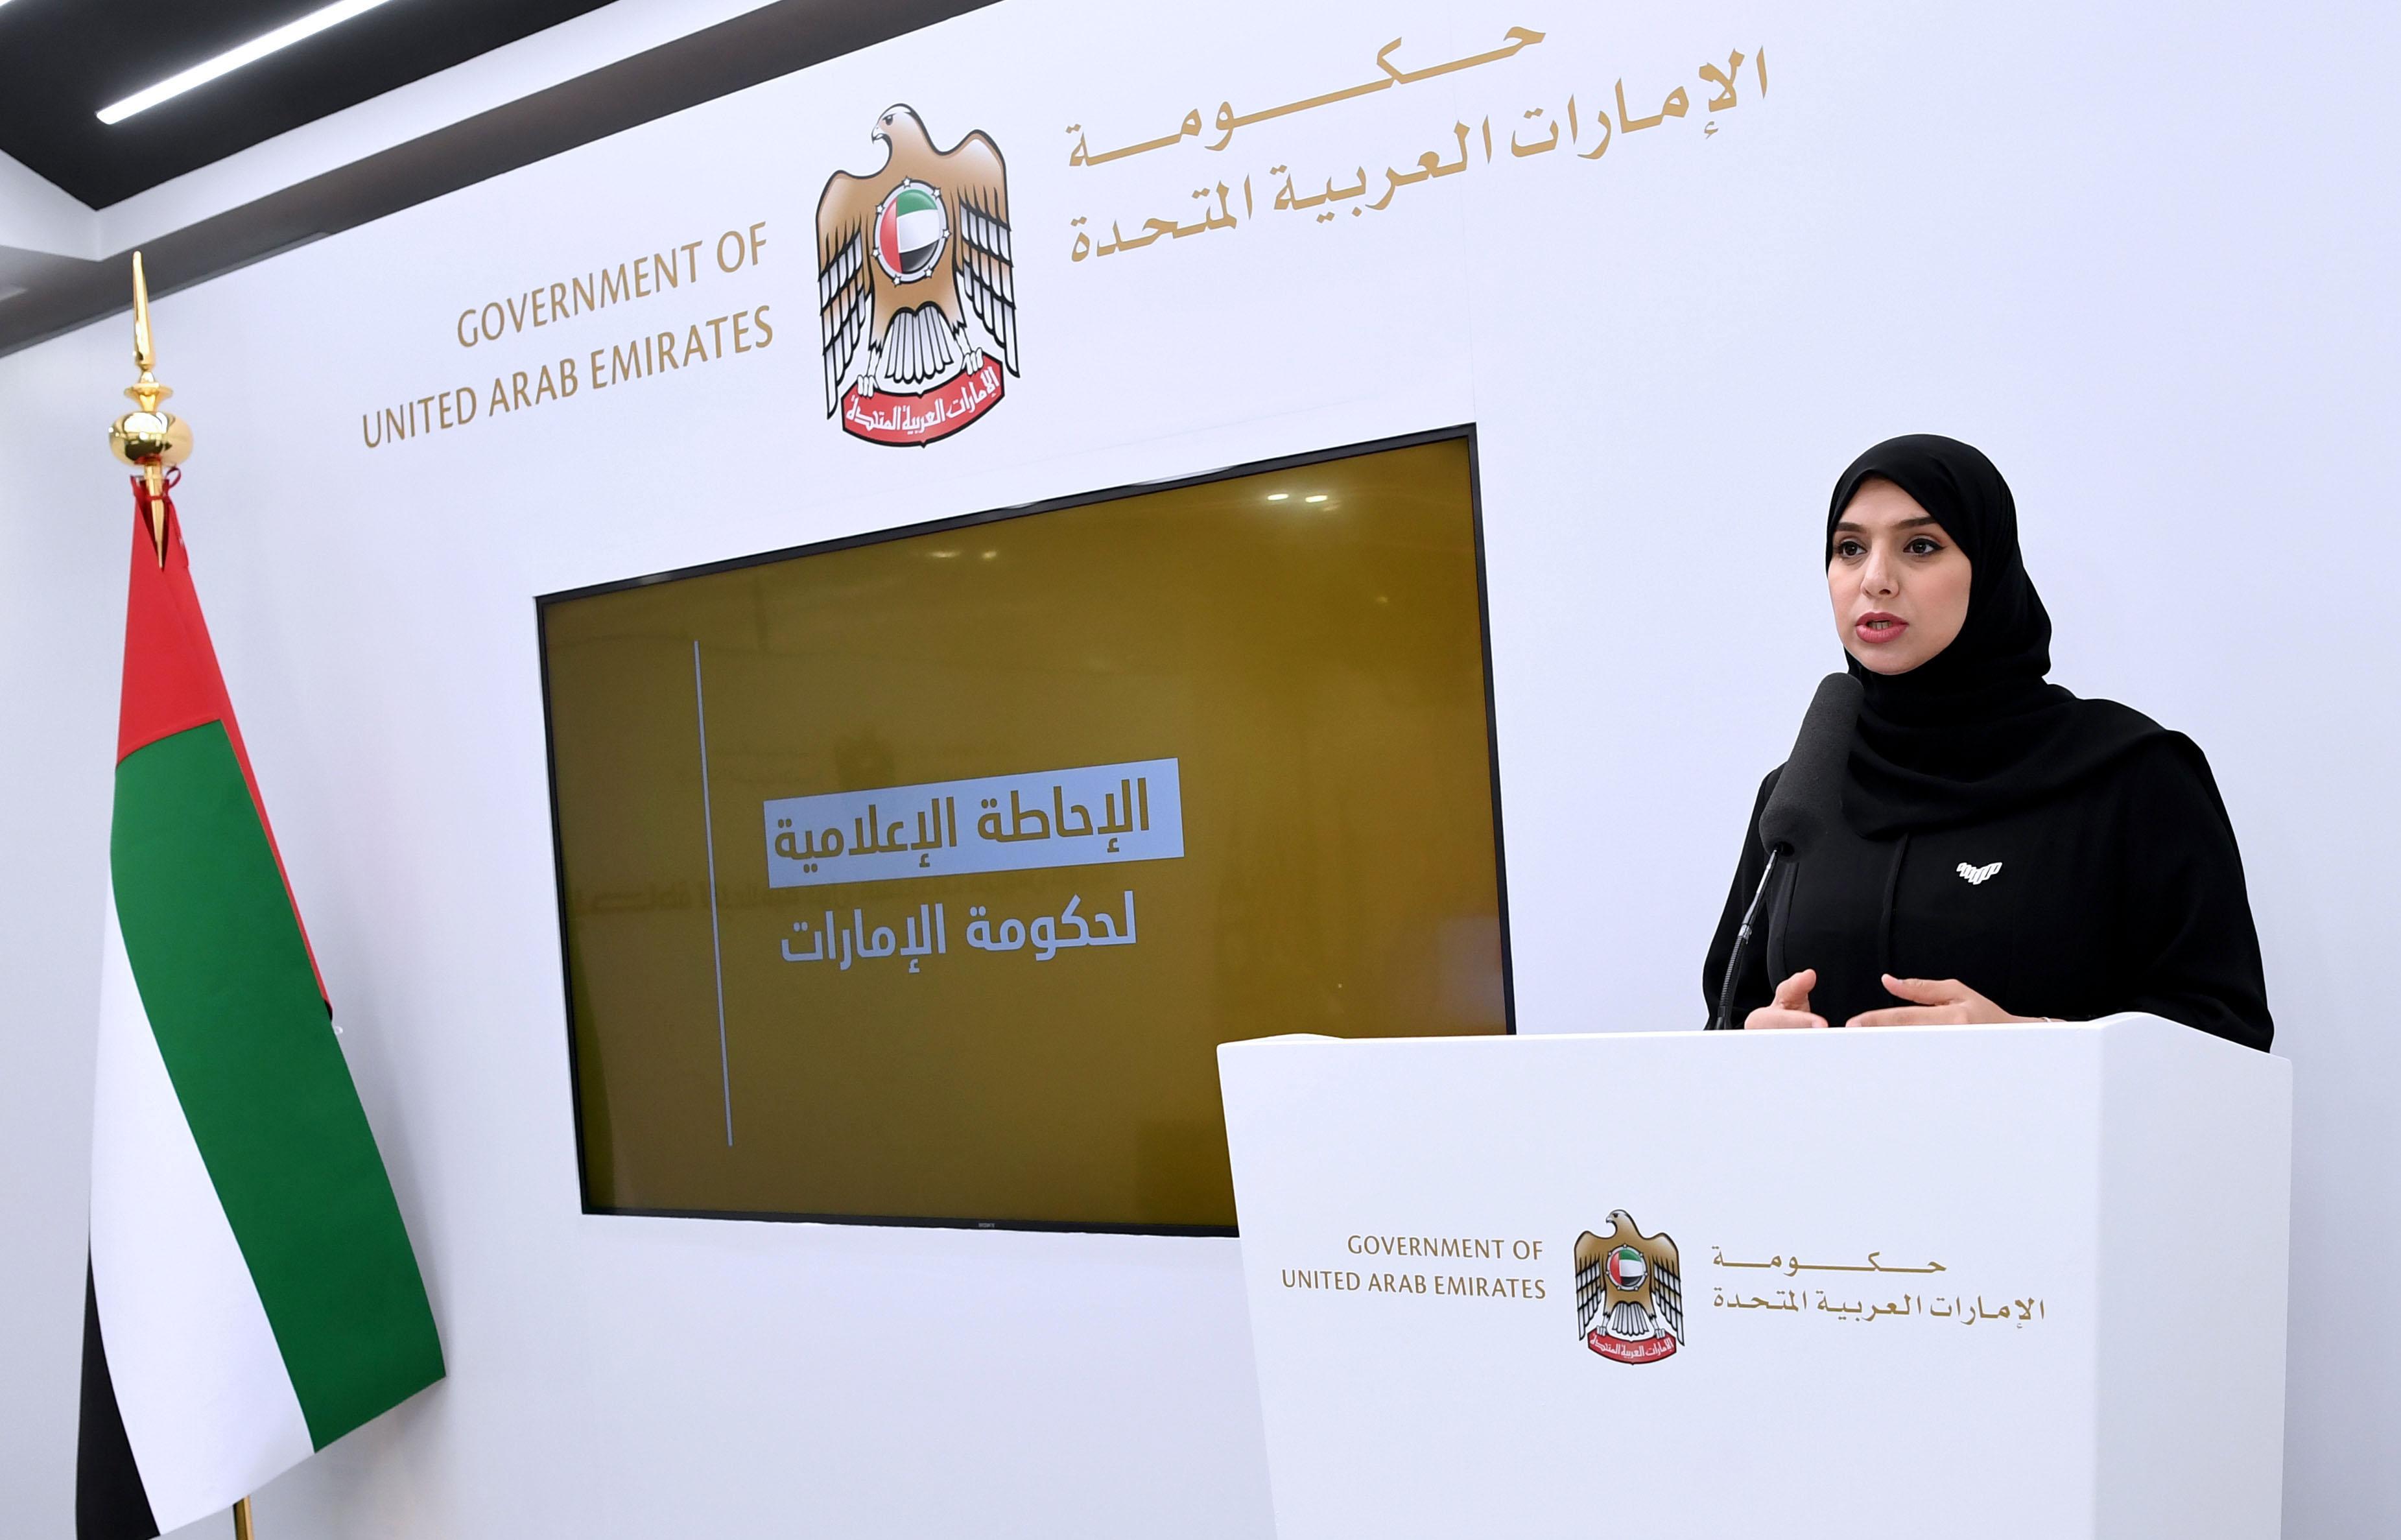 الإمارات تعلن ارتفاع عدد حالات الشفاء إلى 9577 و الكشف عن 832 حالة إصابة جديدة بمرض كورونا و أربع وفيات